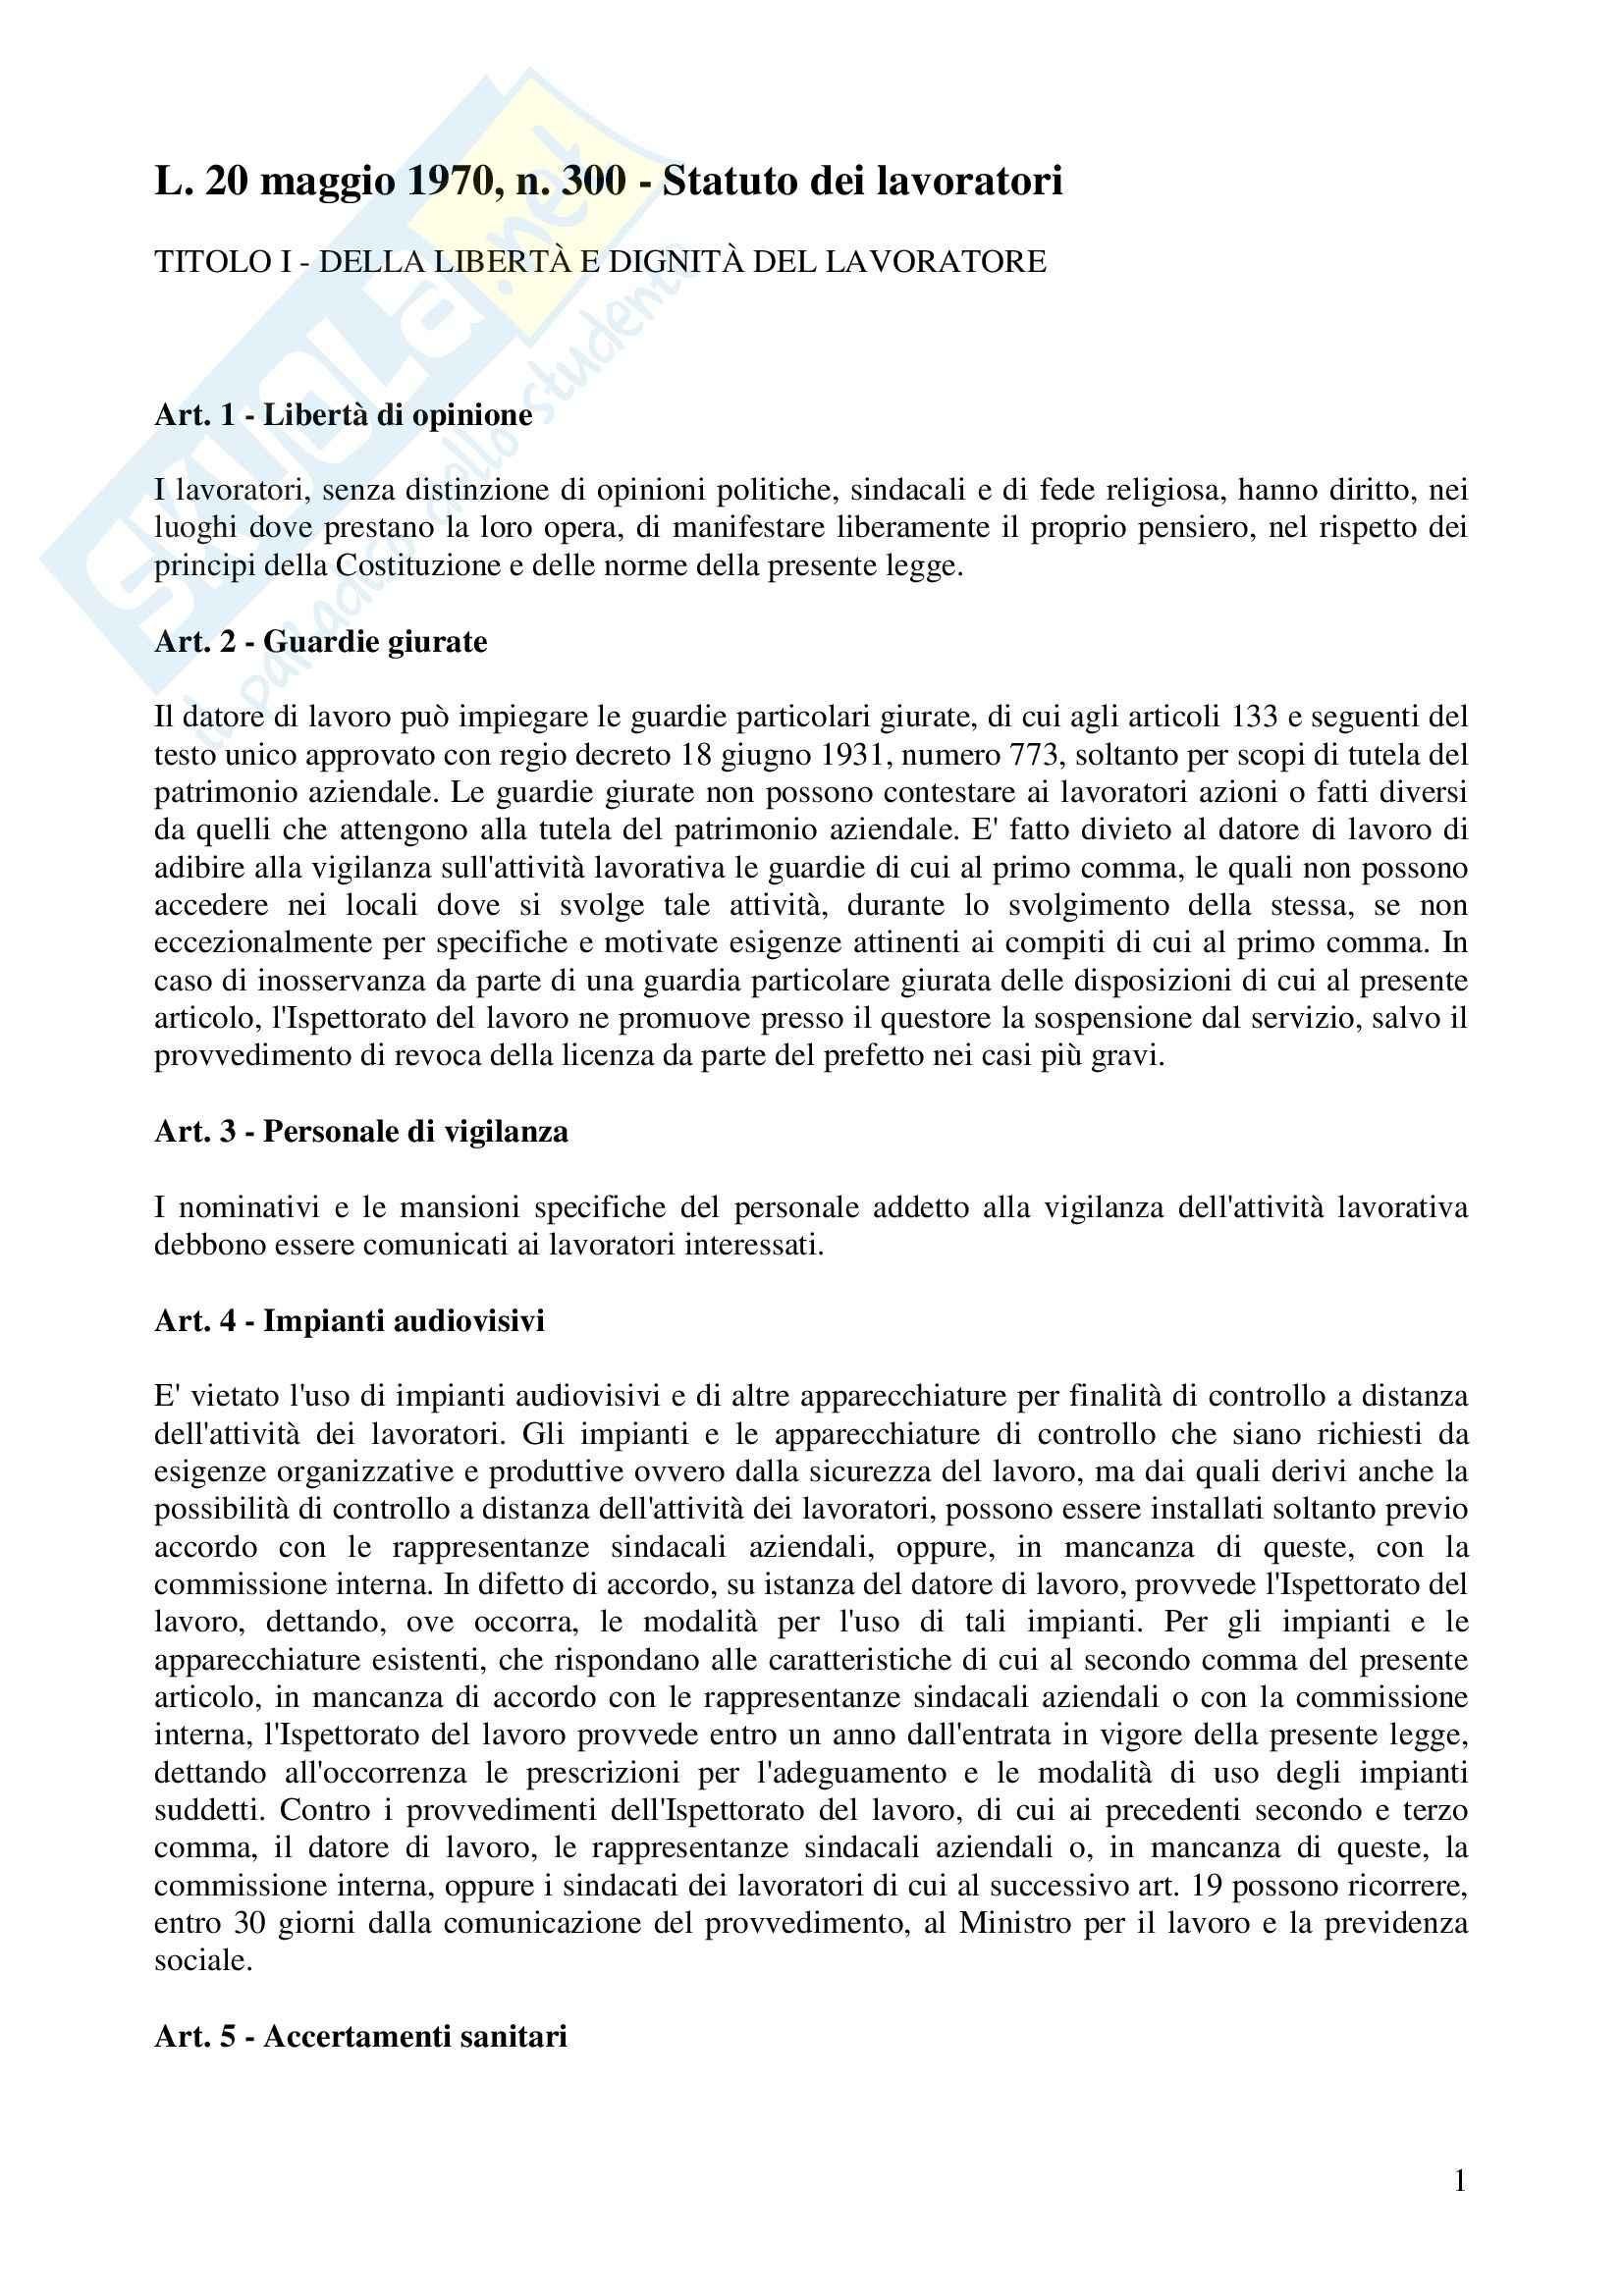 Diritto del lavoro - lo Statuto dei lavoratori,  Legge